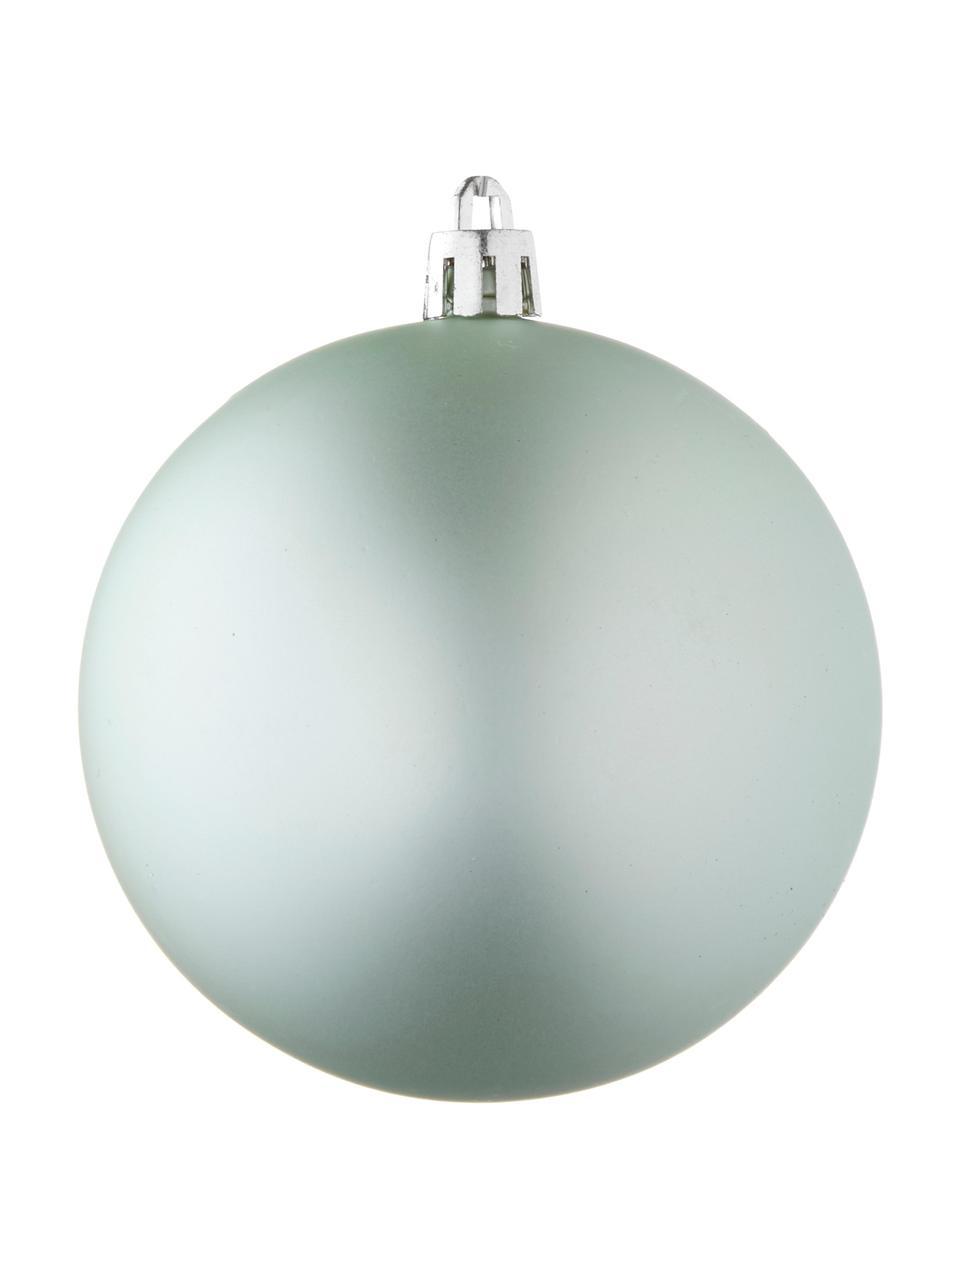 Weihnachtskugel-Set Natalie, 46-tlg., Kunststoff, Minzgrün, Set mit verschiedenen Grössen